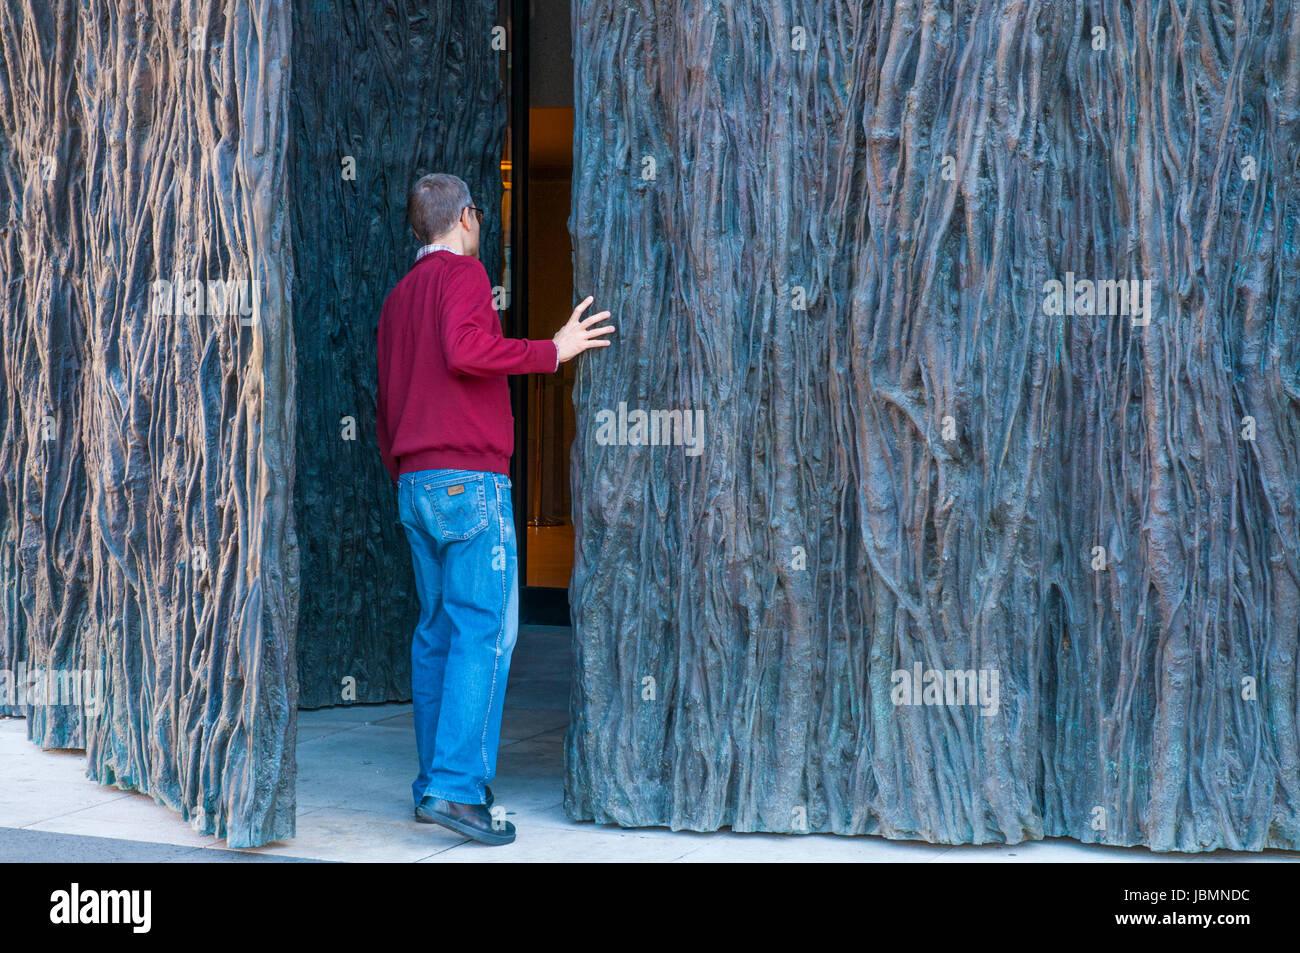 Man Looking Inside A Place Through An Open Door